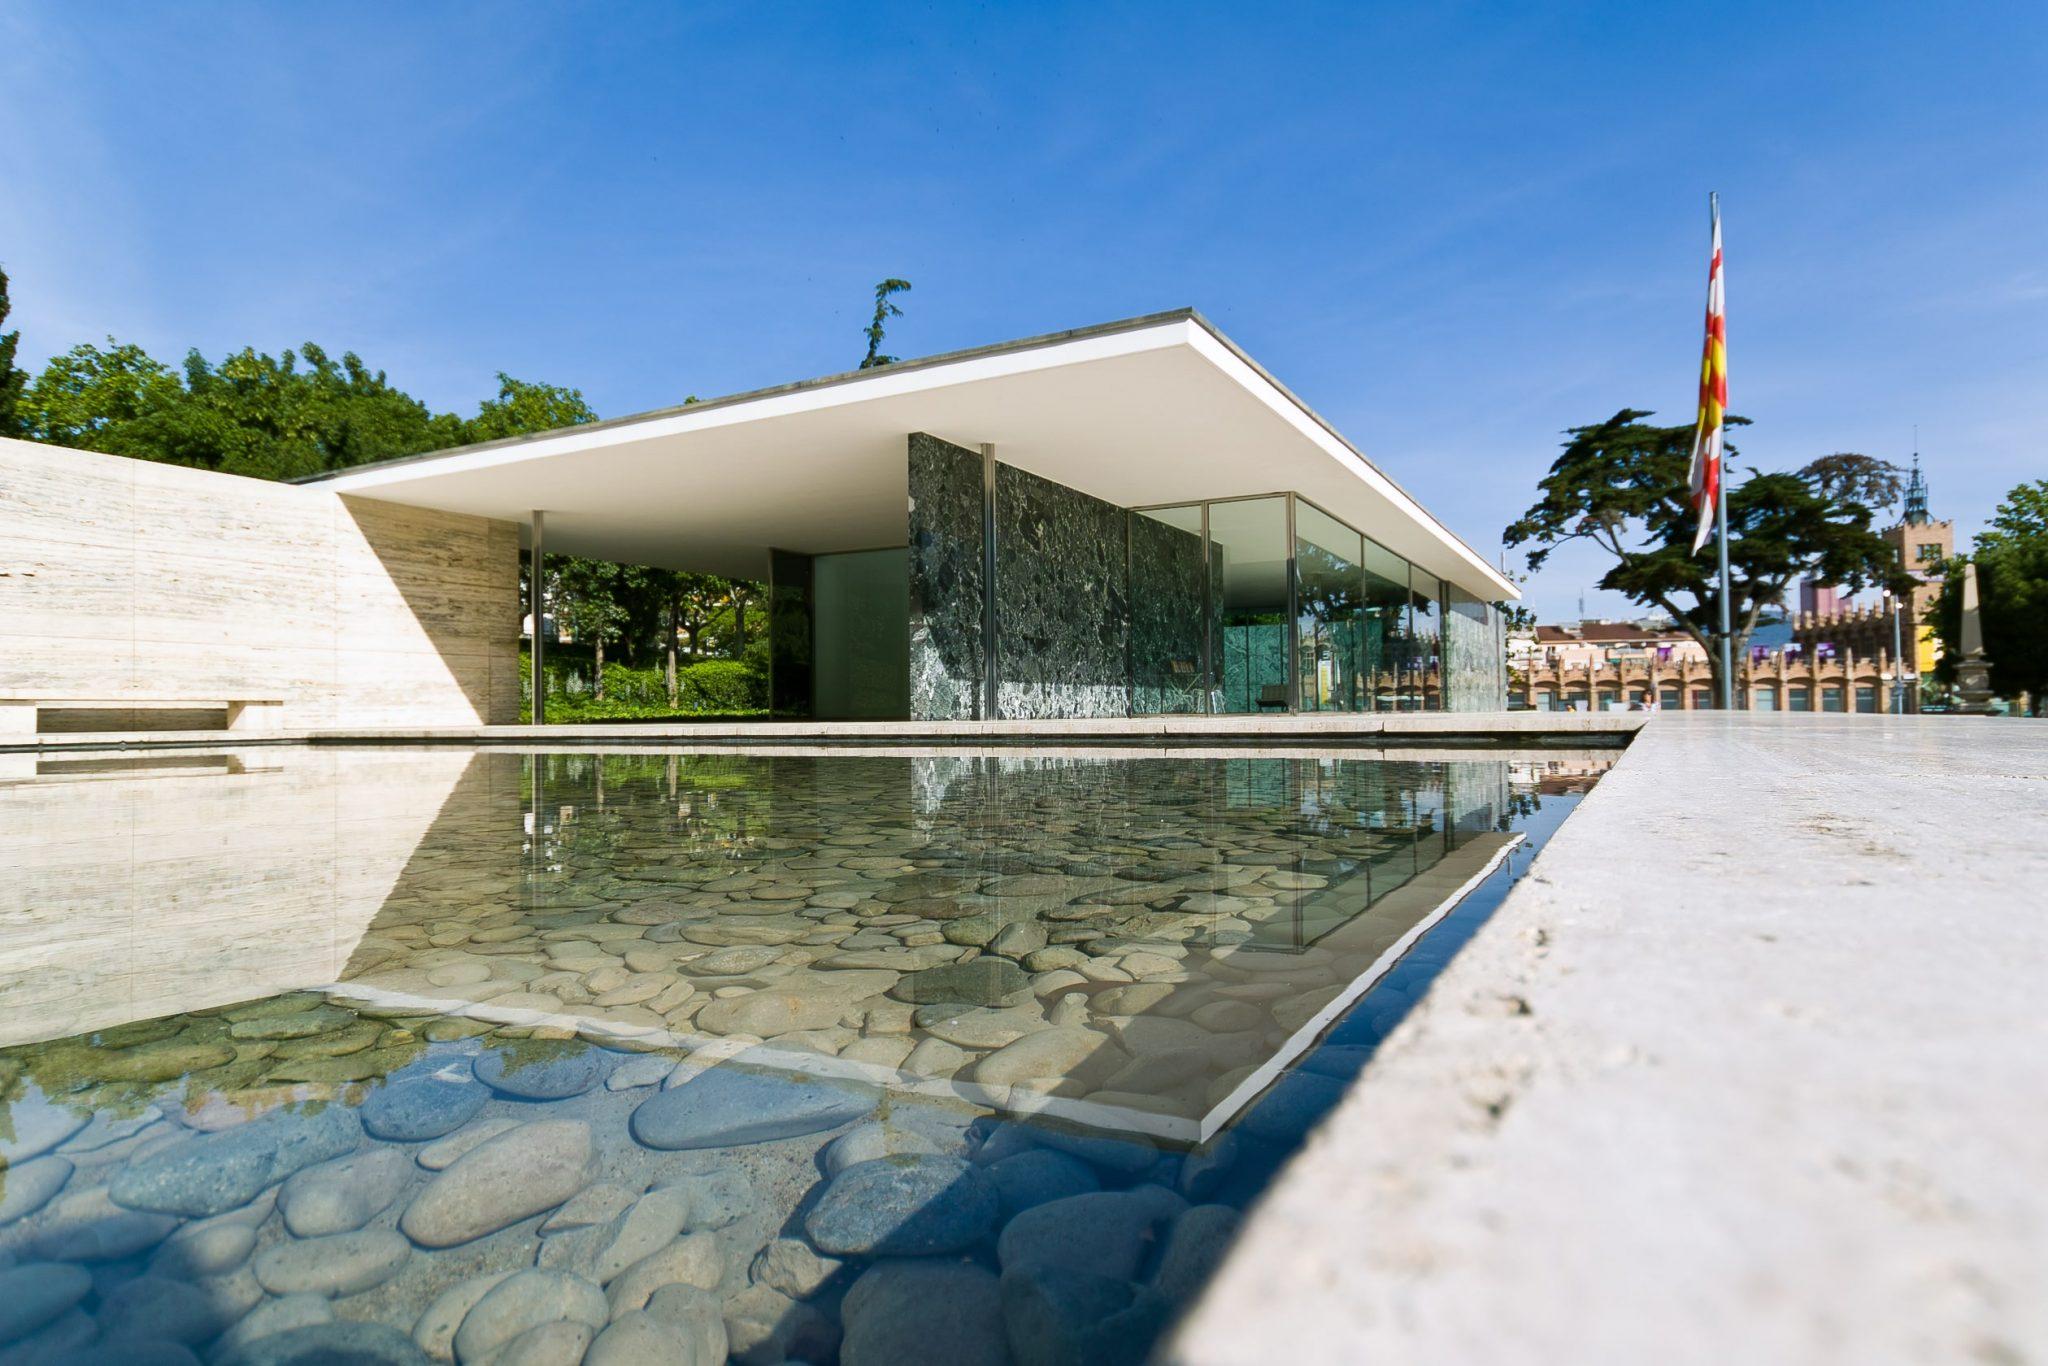 اصول معماری مدرن لودویگ میس فن در روهه